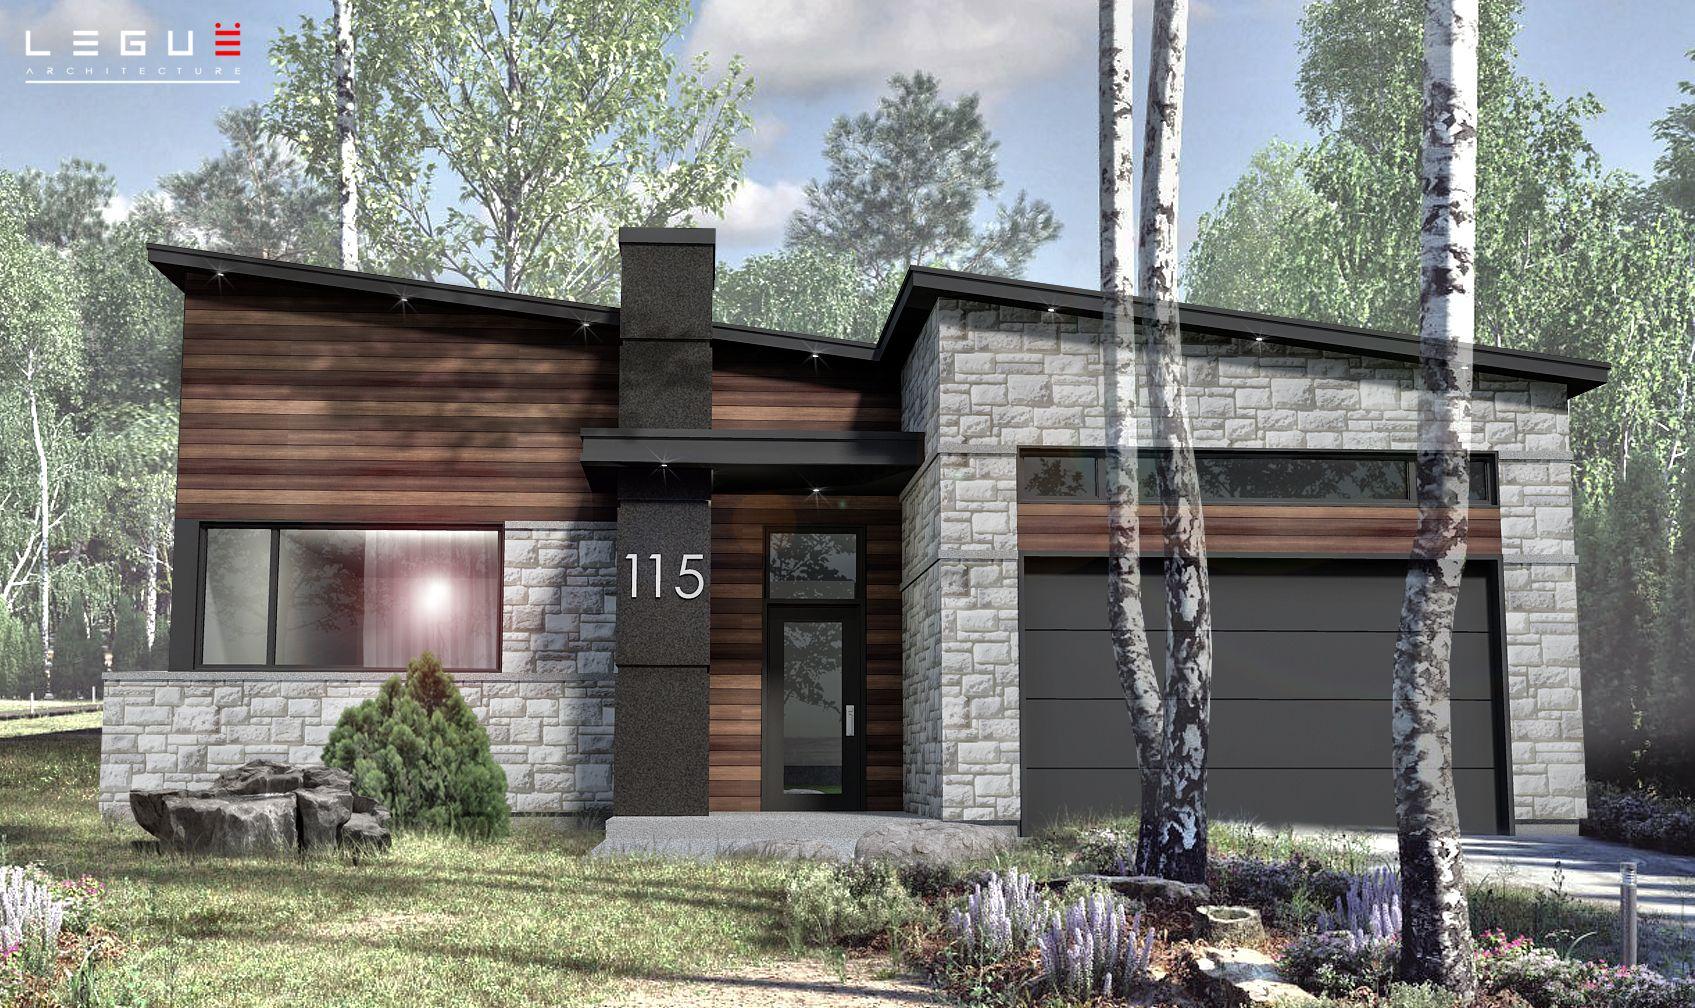 Notre Plan De Maison Moderne Ë_115 Est Vendu Directement En Ligne Et Est  Déjà Réfléchi Selon